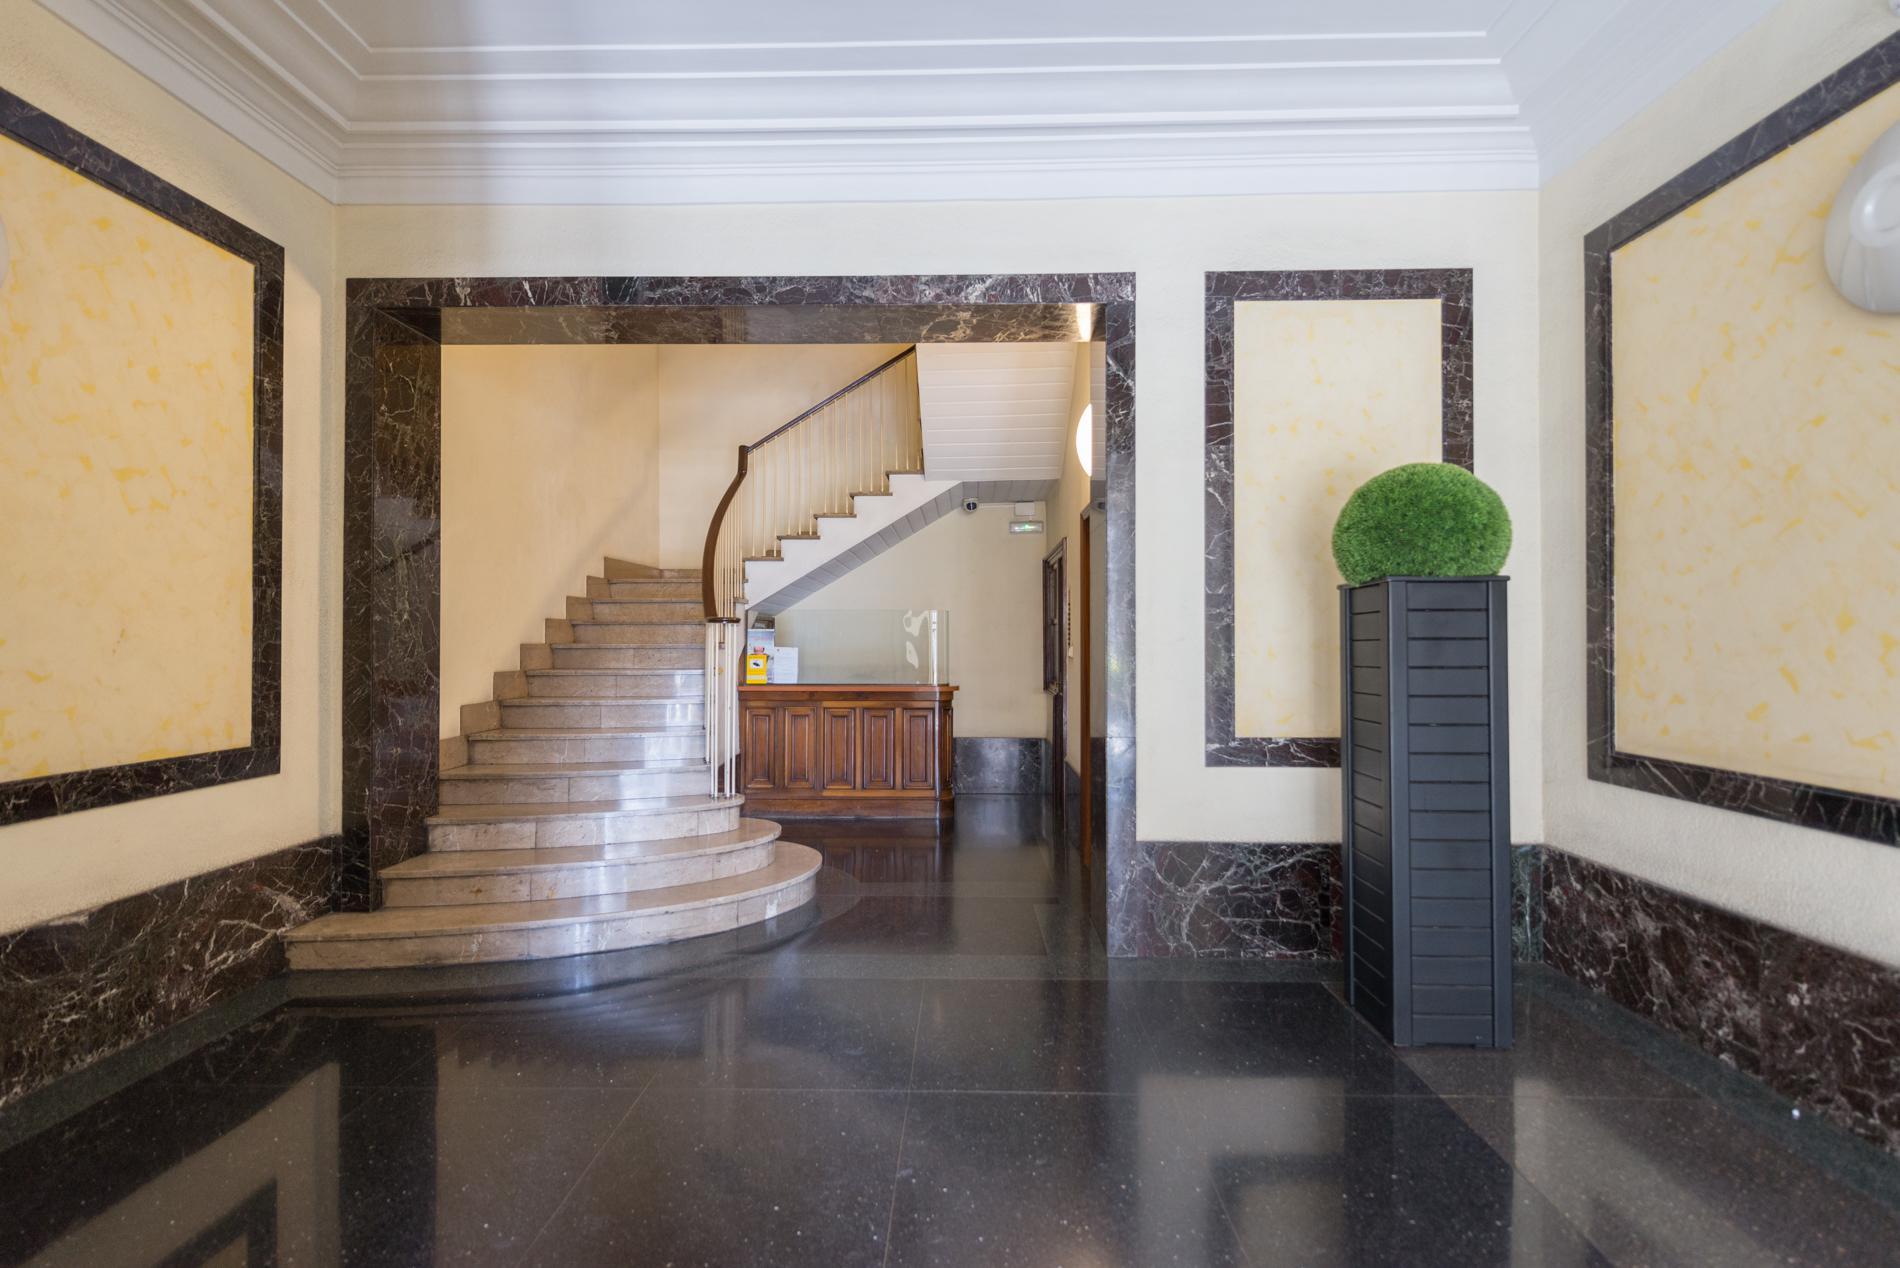 222426 Apartment for sale in Eixample, Dreta Eixample 39